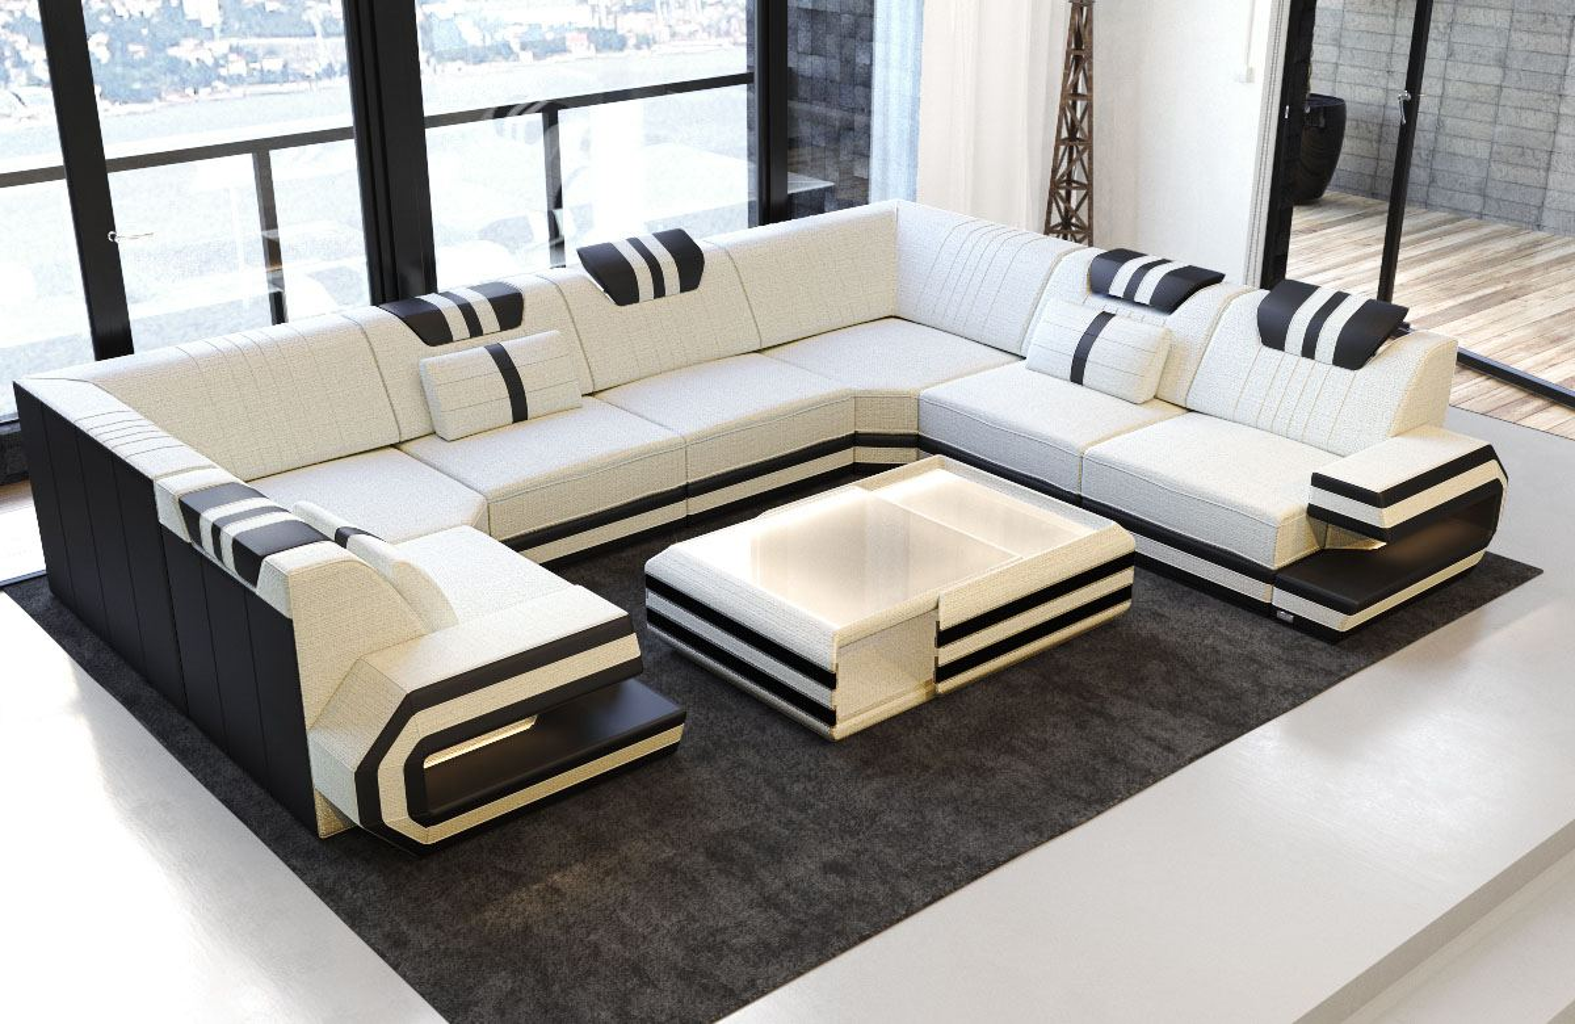 Stoff Wohnlandschaft Ragusa U Form Designer Couch Luxus Sofa Mit Led